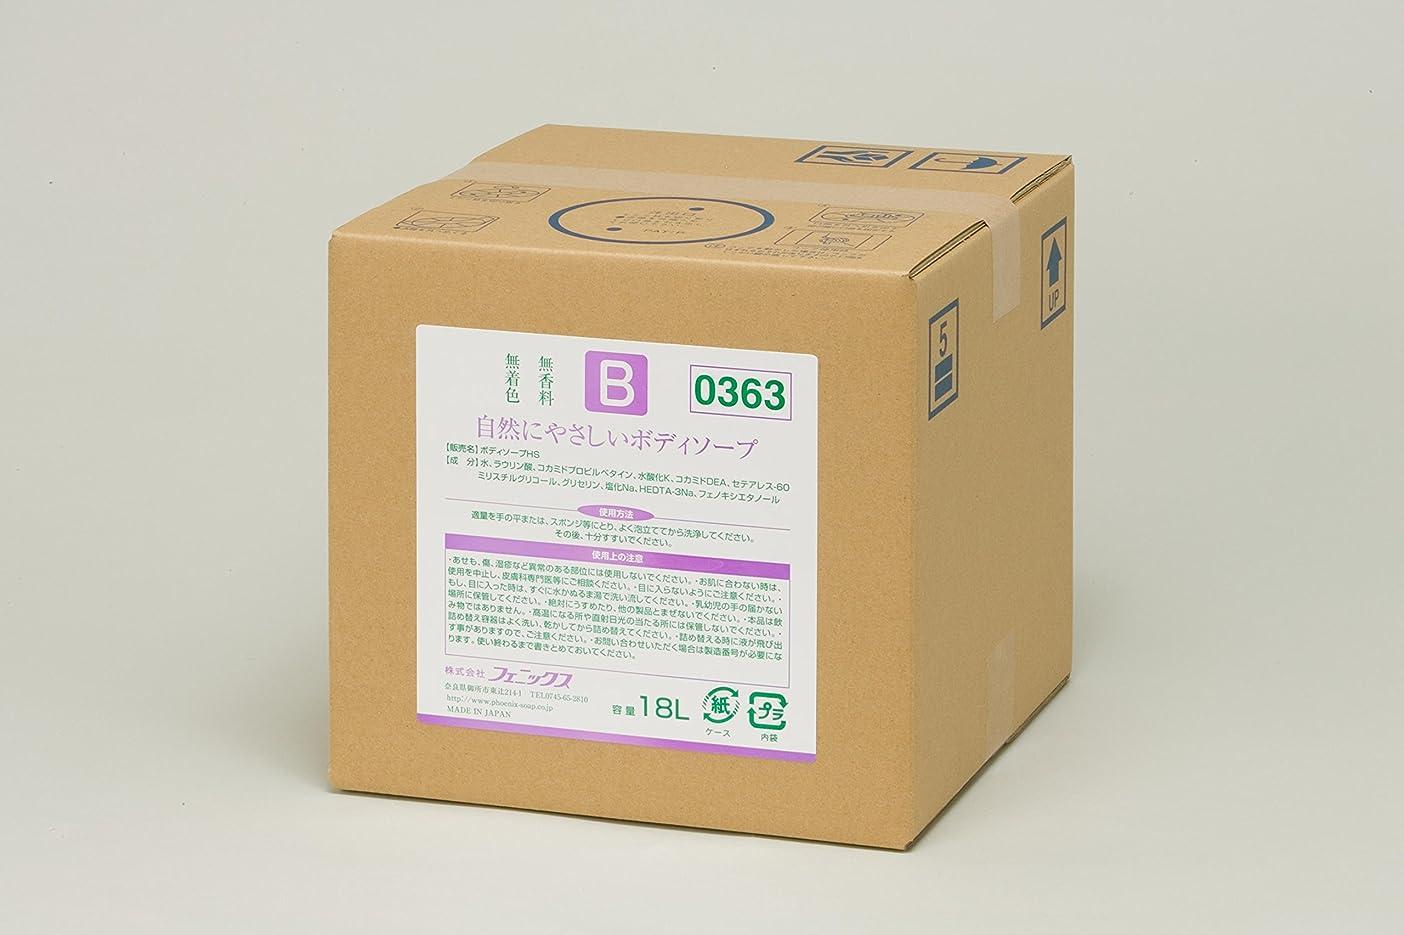 仲間、同僚仲間、同僚ギャング自然にやさしいボディソープ / 00090363 18L 1缶